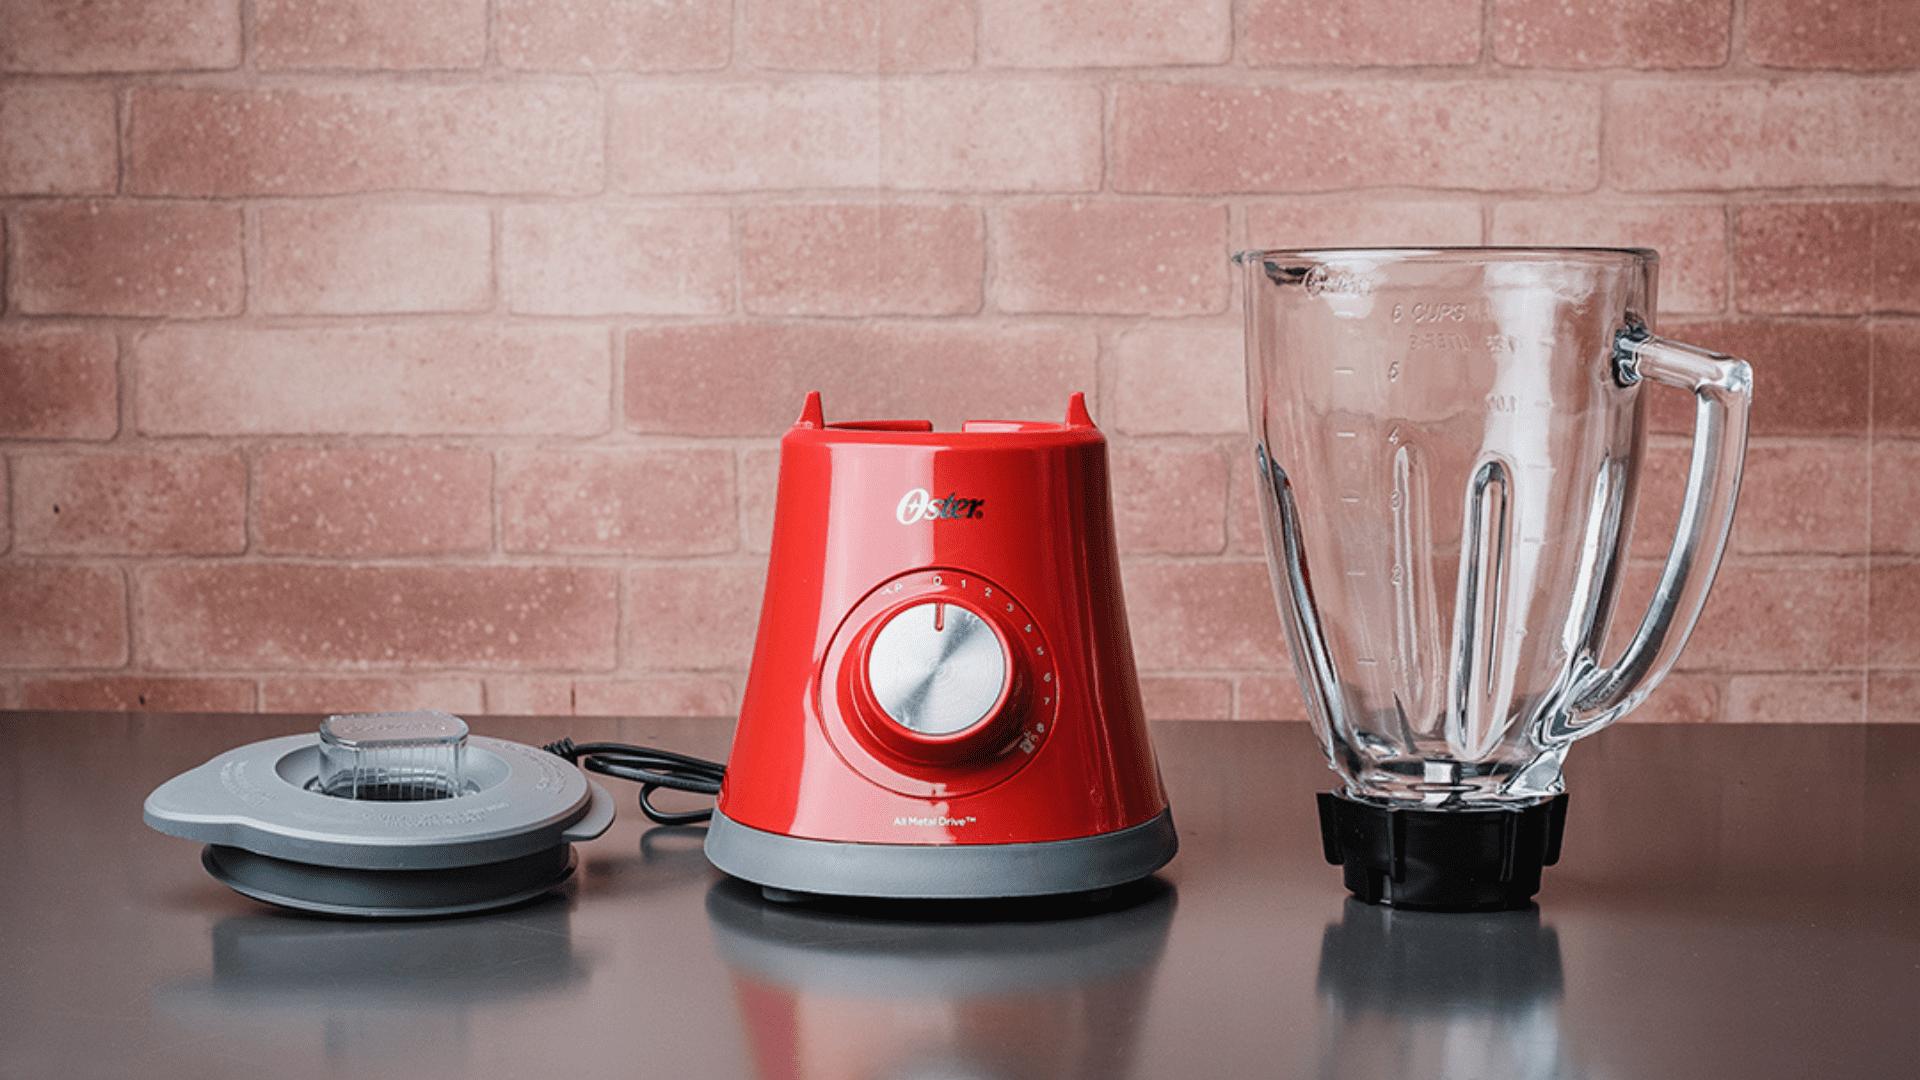 Simples de montar, o Oster Super Chef vem com a base, a jarra de vidro, as lâminas e a tampa com sobretampa medidora (Foto: Zoom)